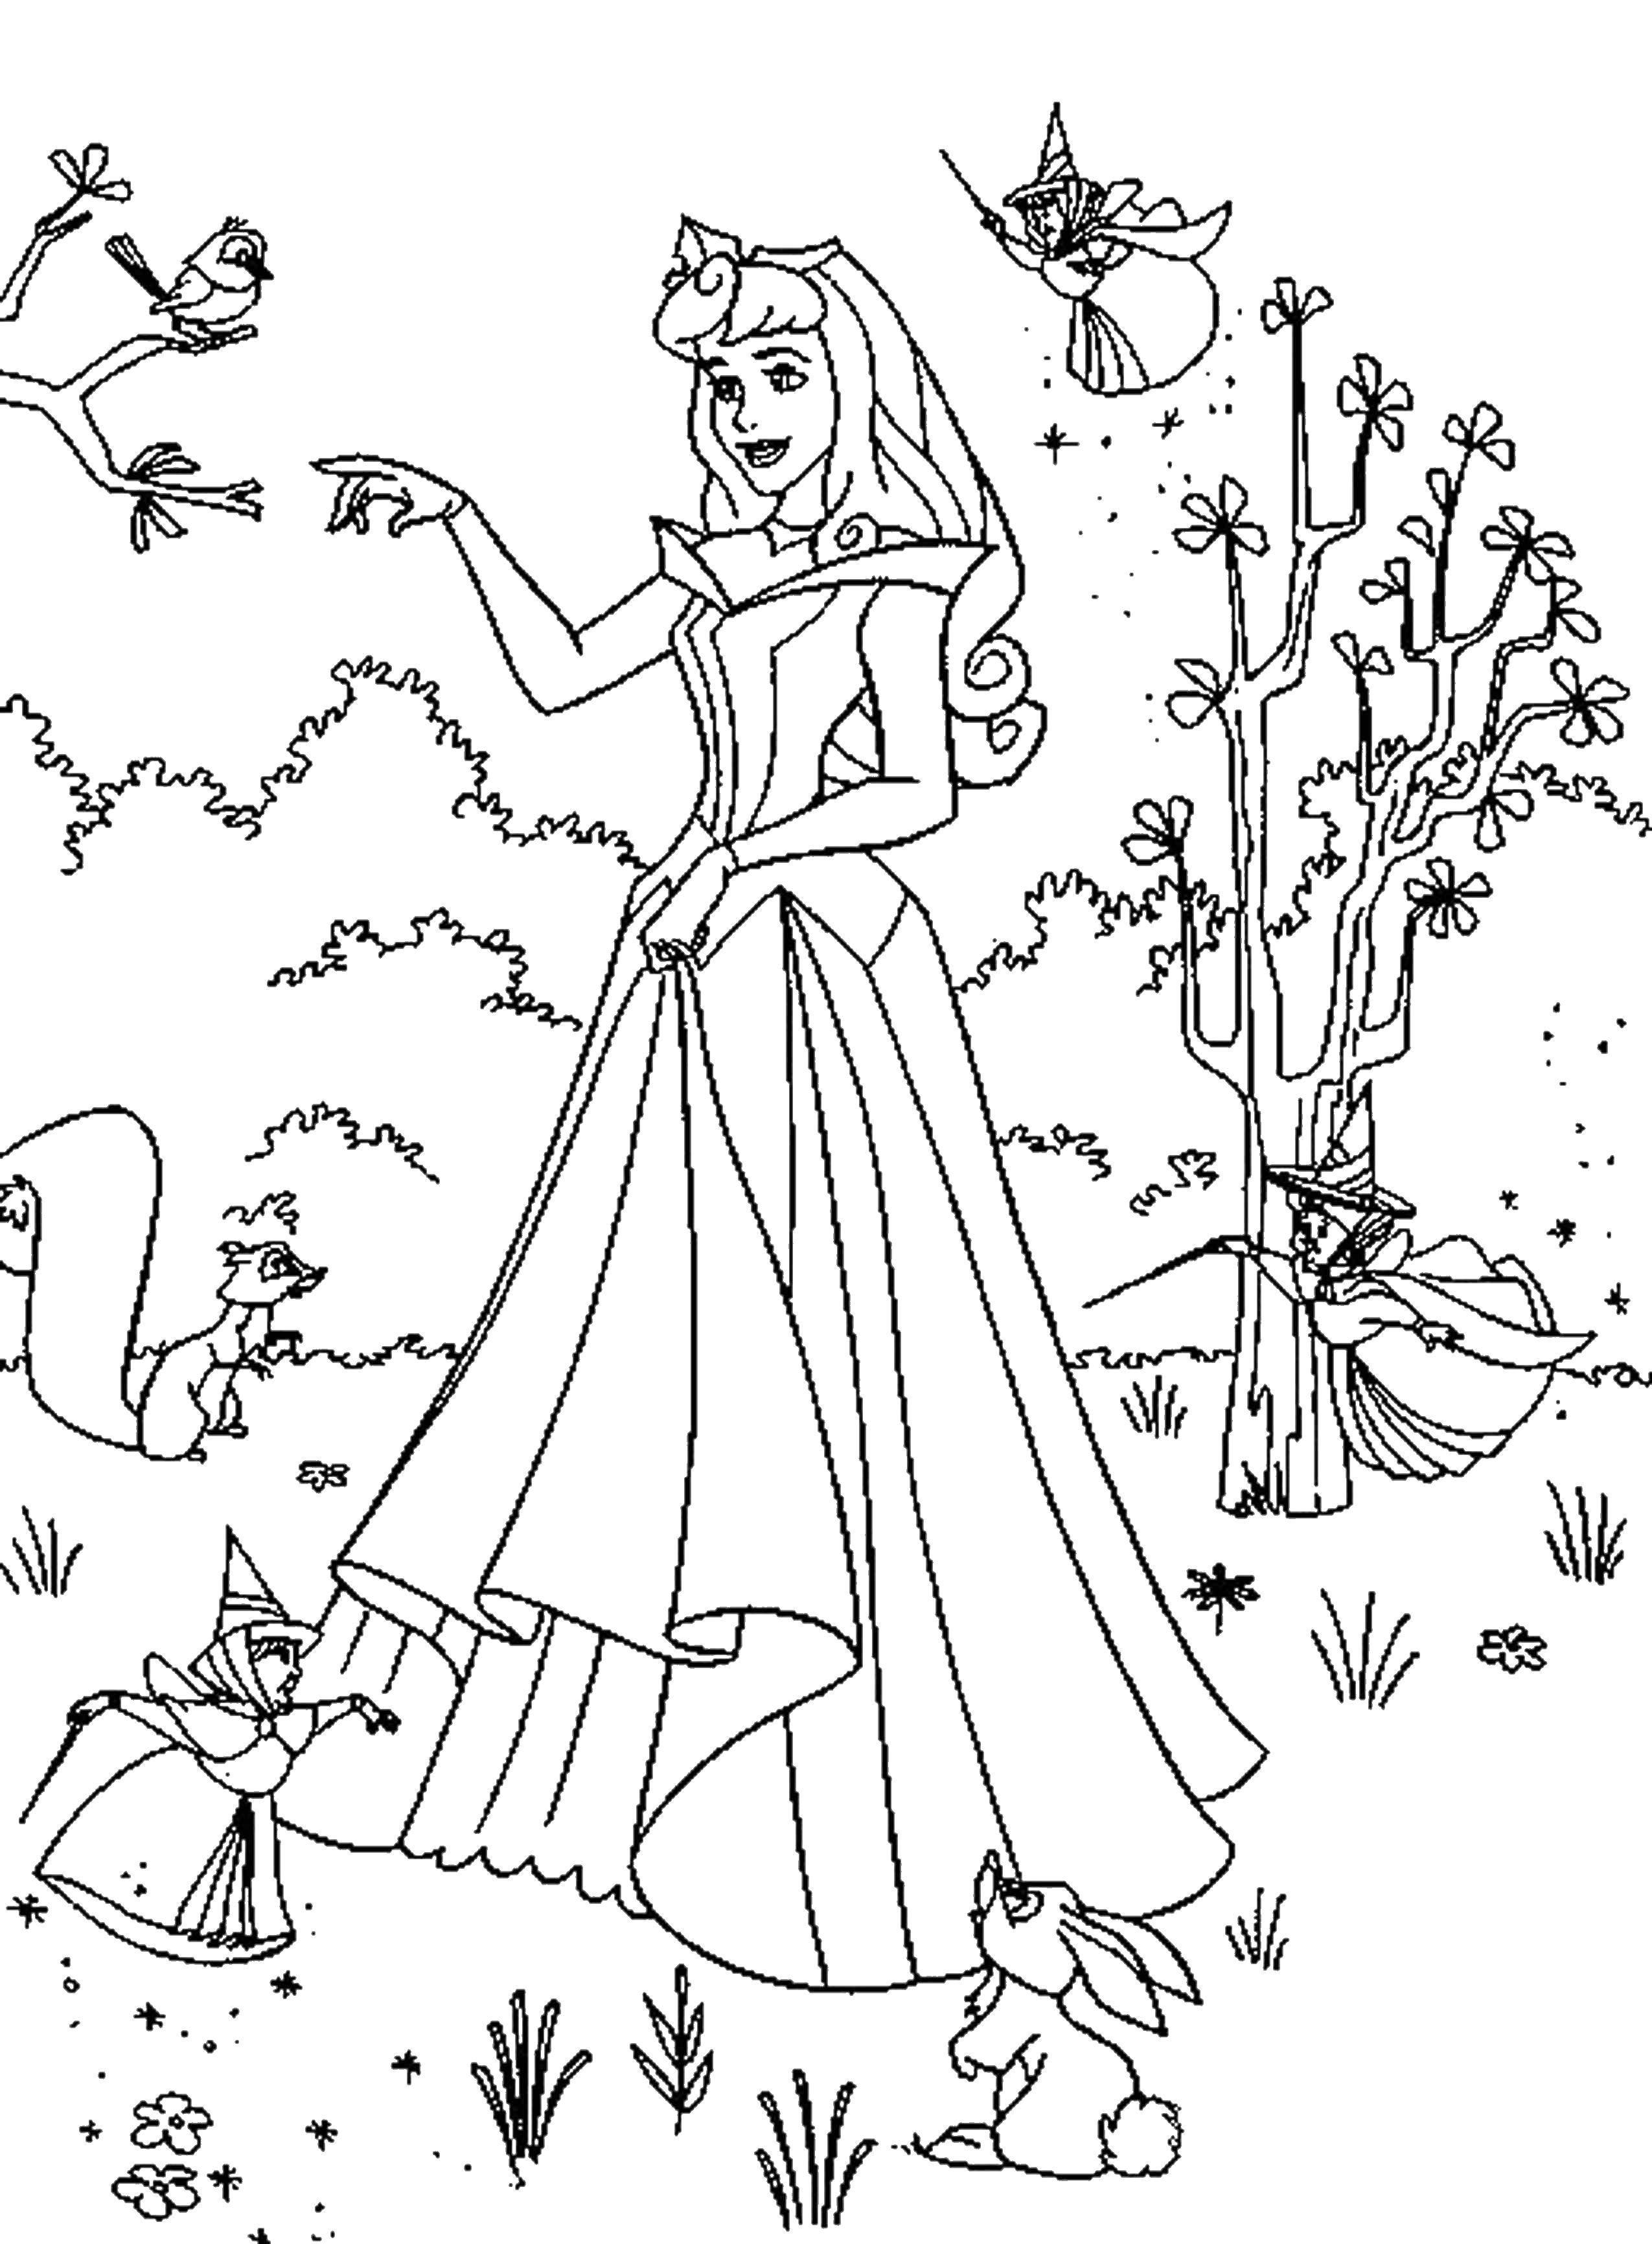 Раскраска Принцесса аврора с феями Скачать спящая красавица, принцесса Аврора.  Распечатать ,спящая красавица,